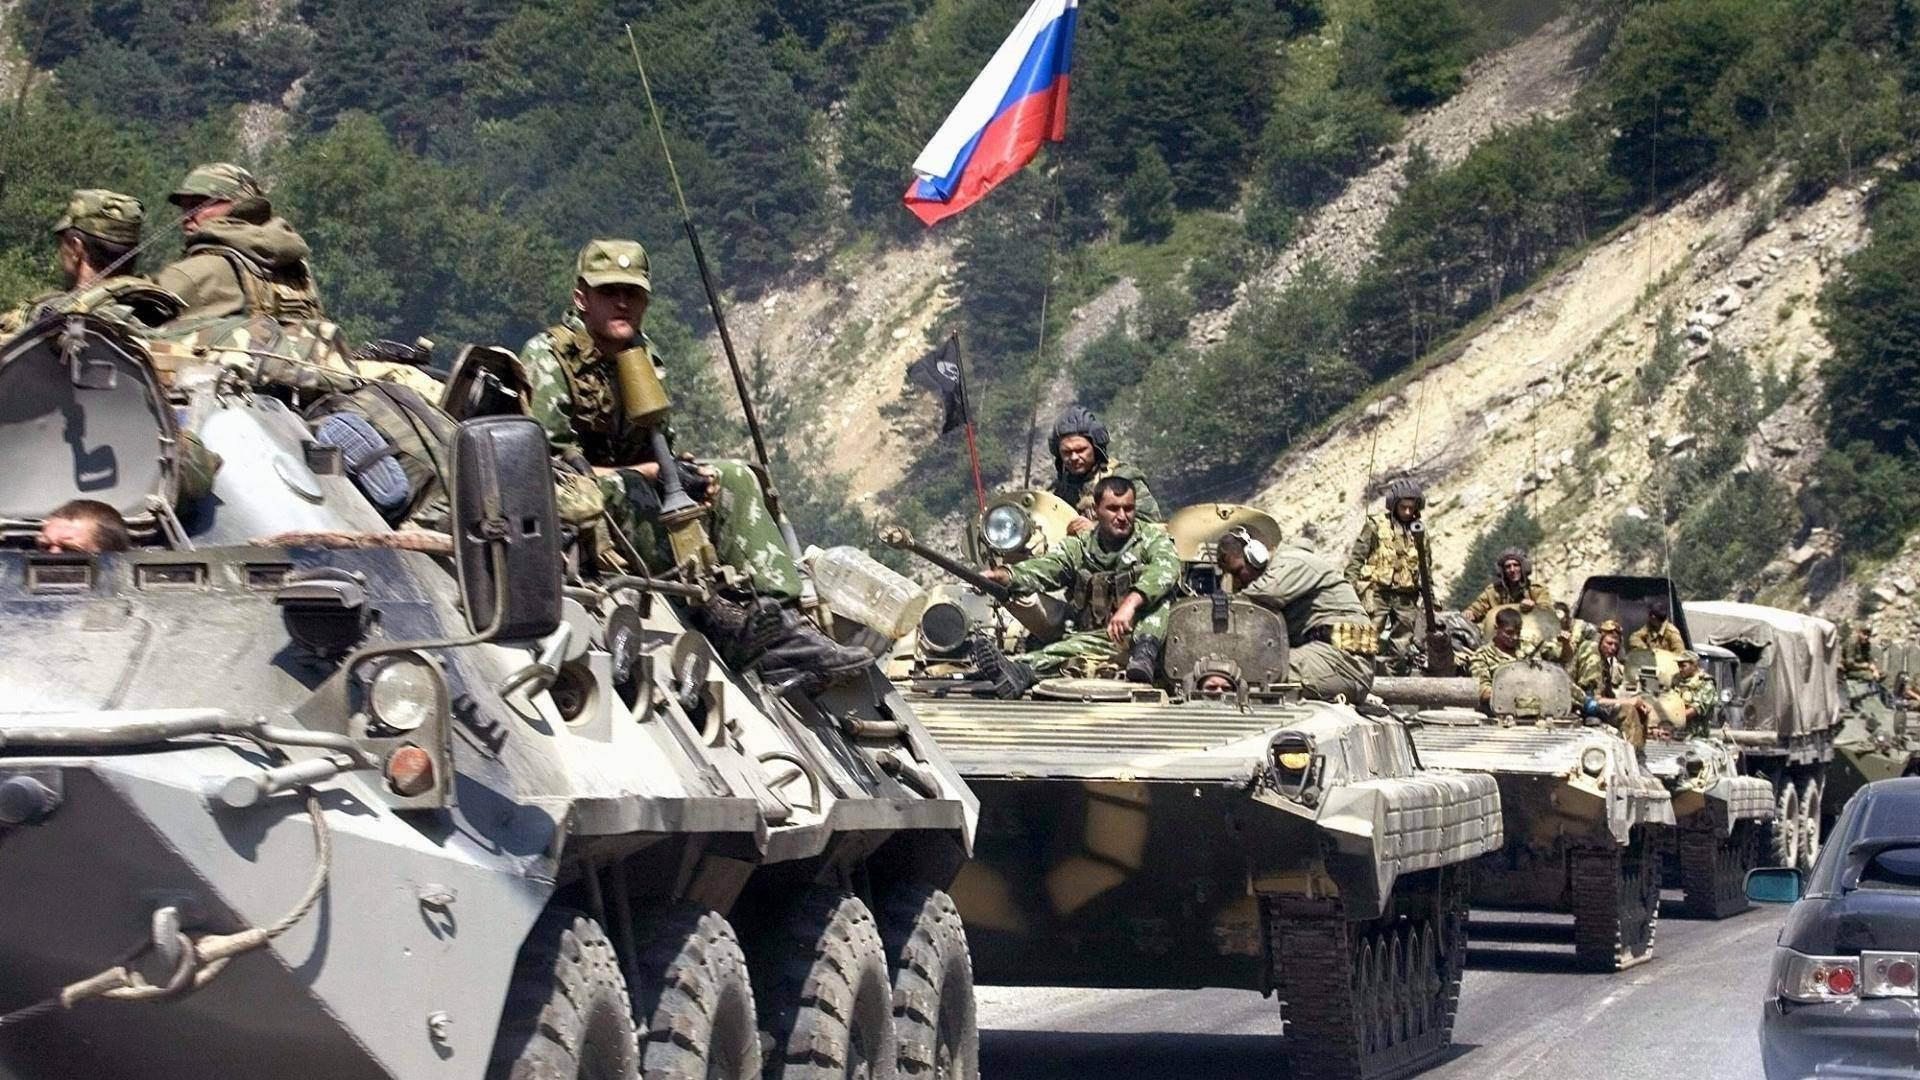 الجيش الروسي يجري اختباراً مفاجئاً لمدى الجاهزية | الميادين